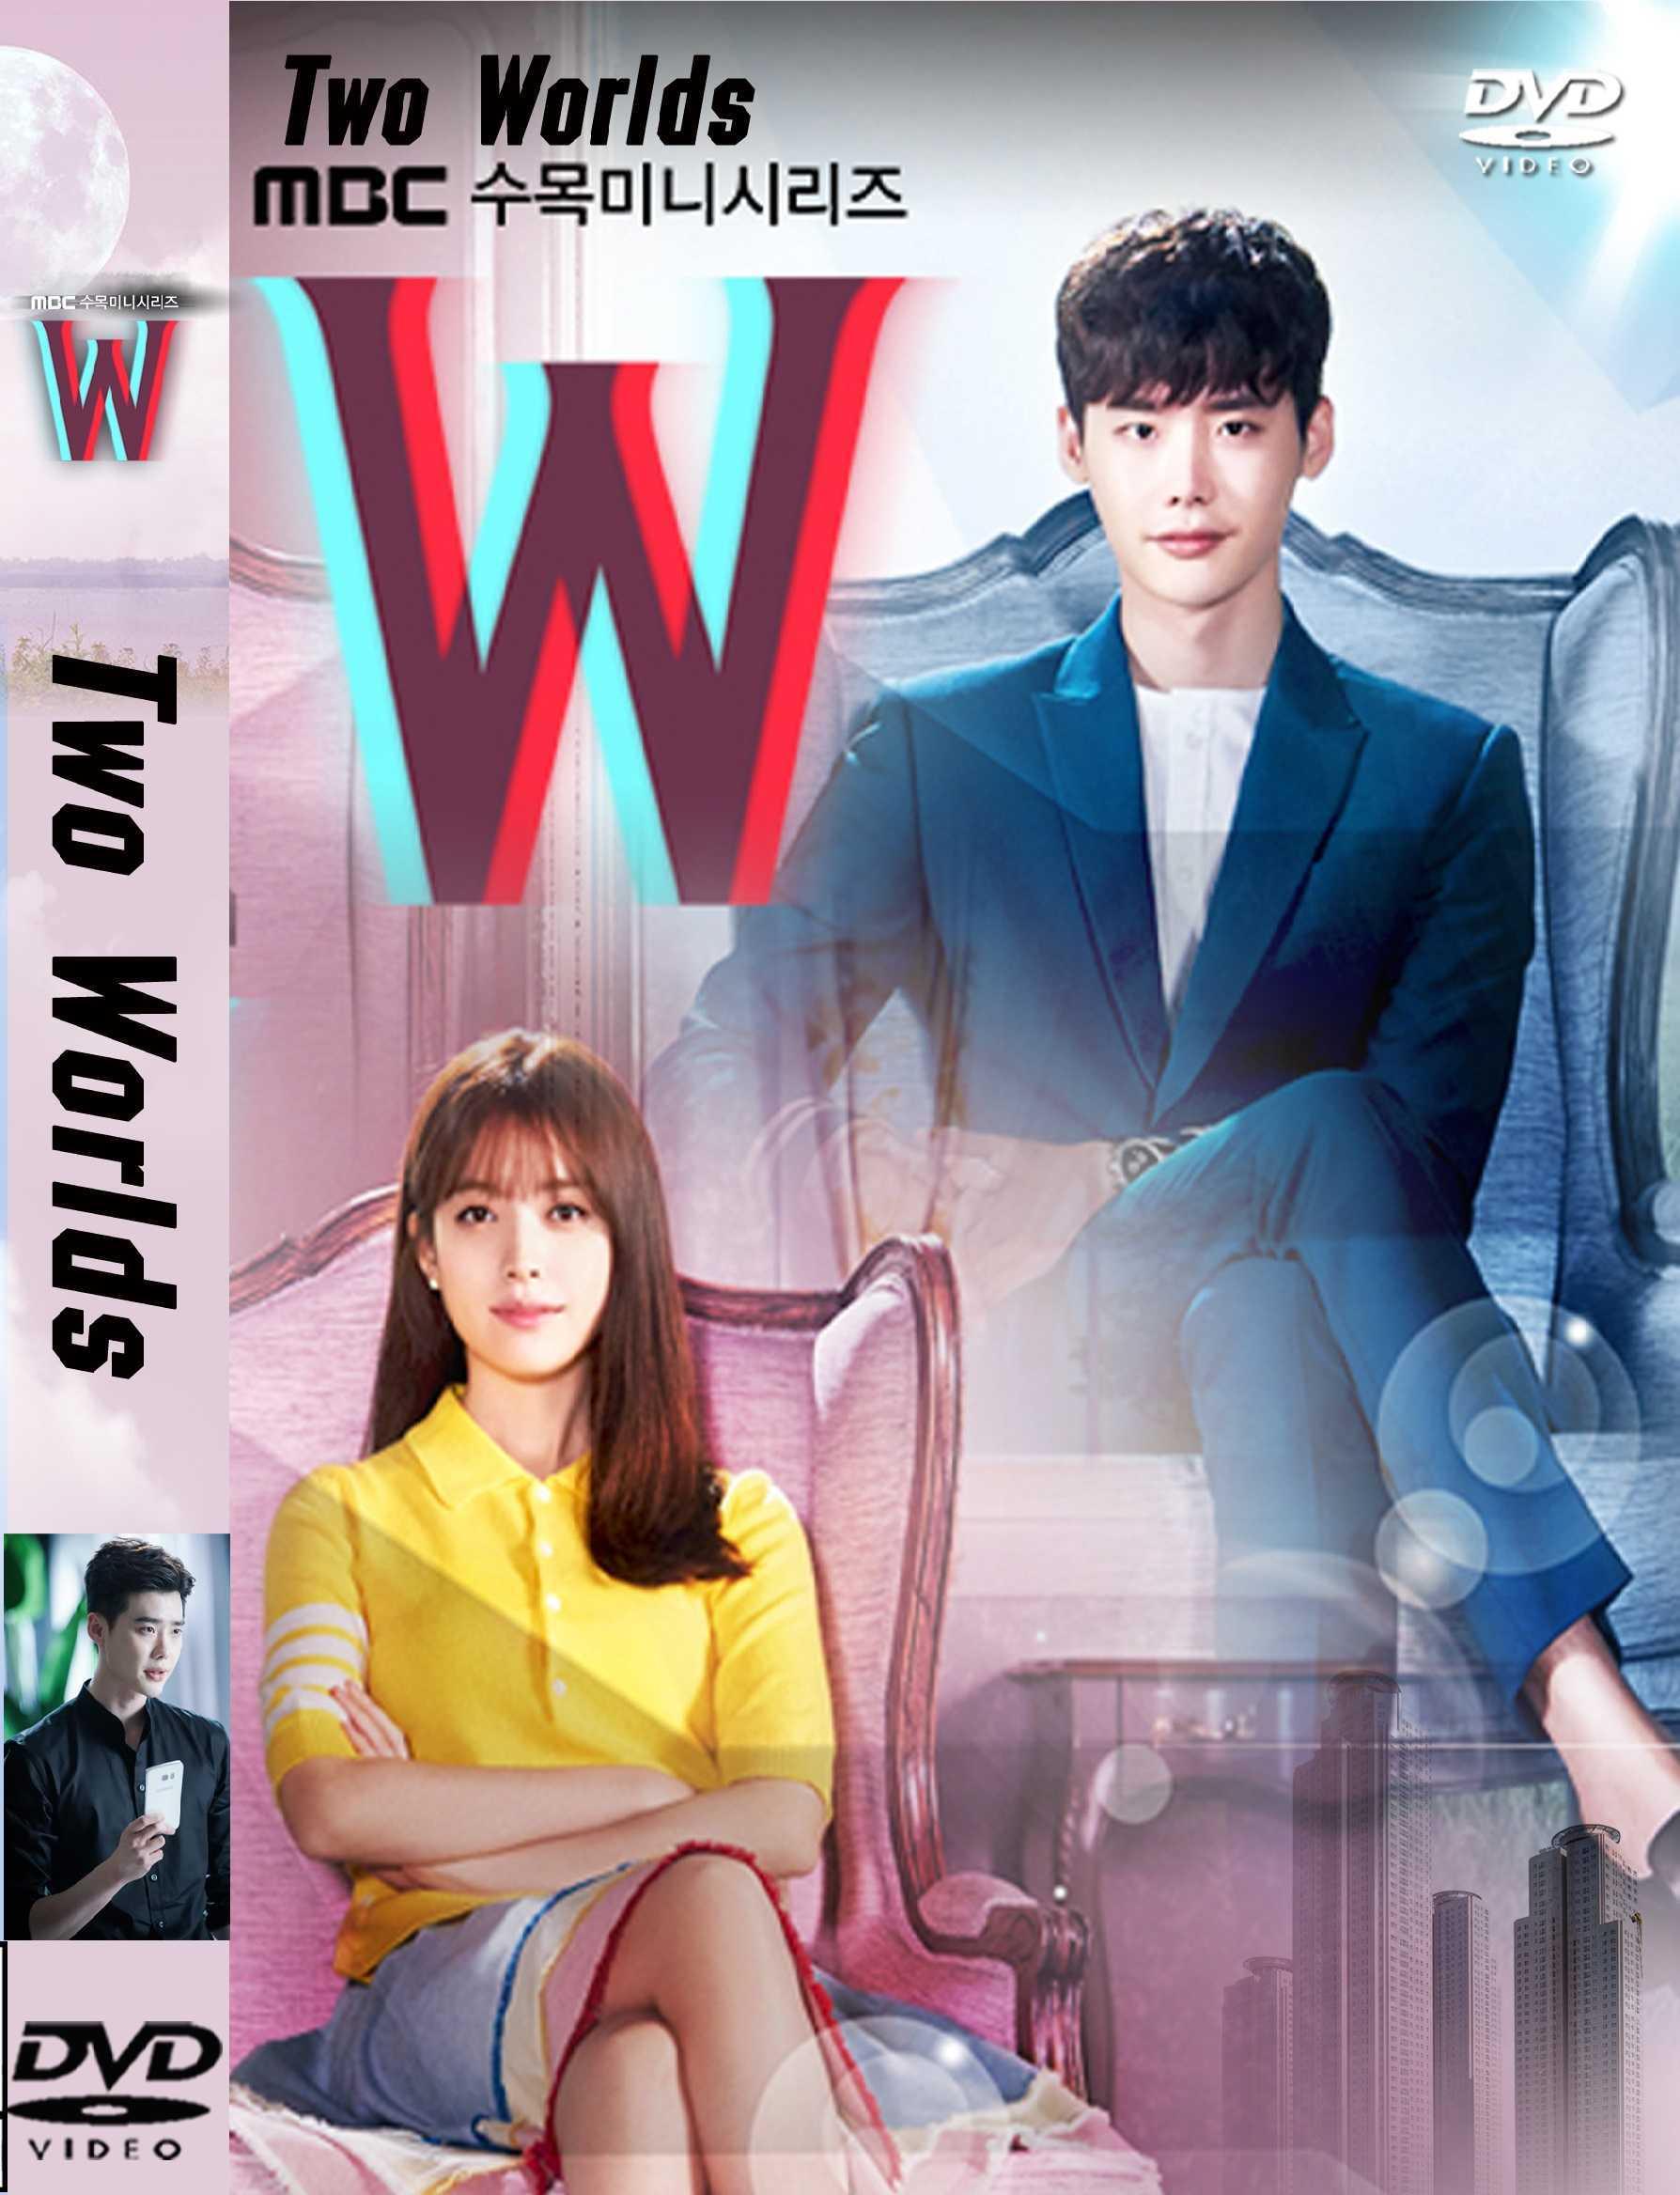 w-two-worlds-รักข้ามมิติ-พากย์ไทย-ตอนที่-1-16-จบ-